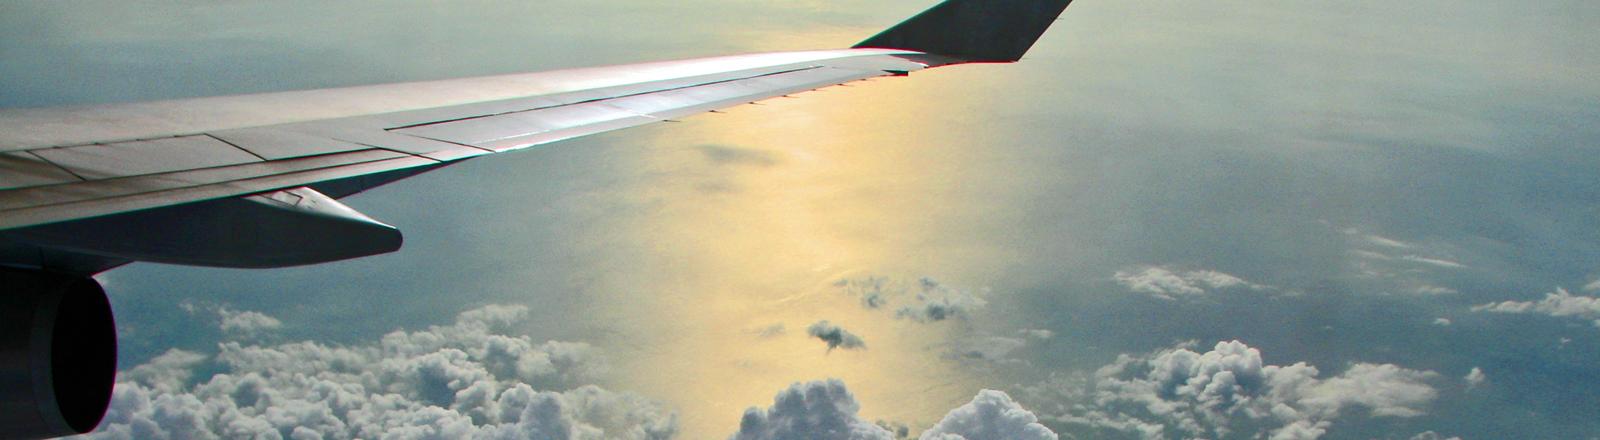 Eine Tragfläche eines Flugzeugs hoch über den Wolken.